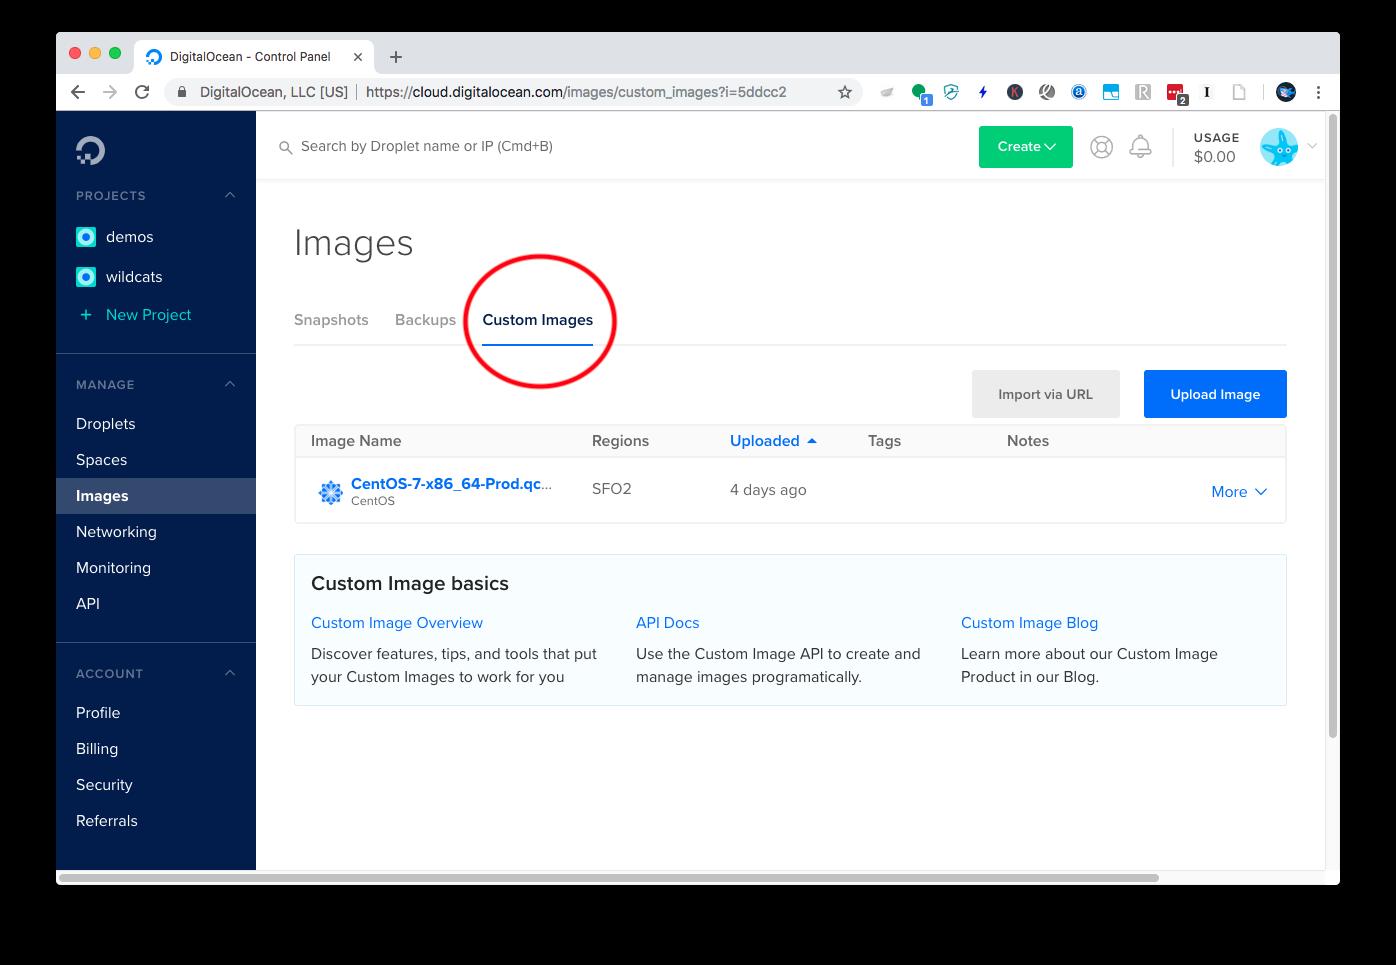 Bring Your Custom Image to DigitalOcean